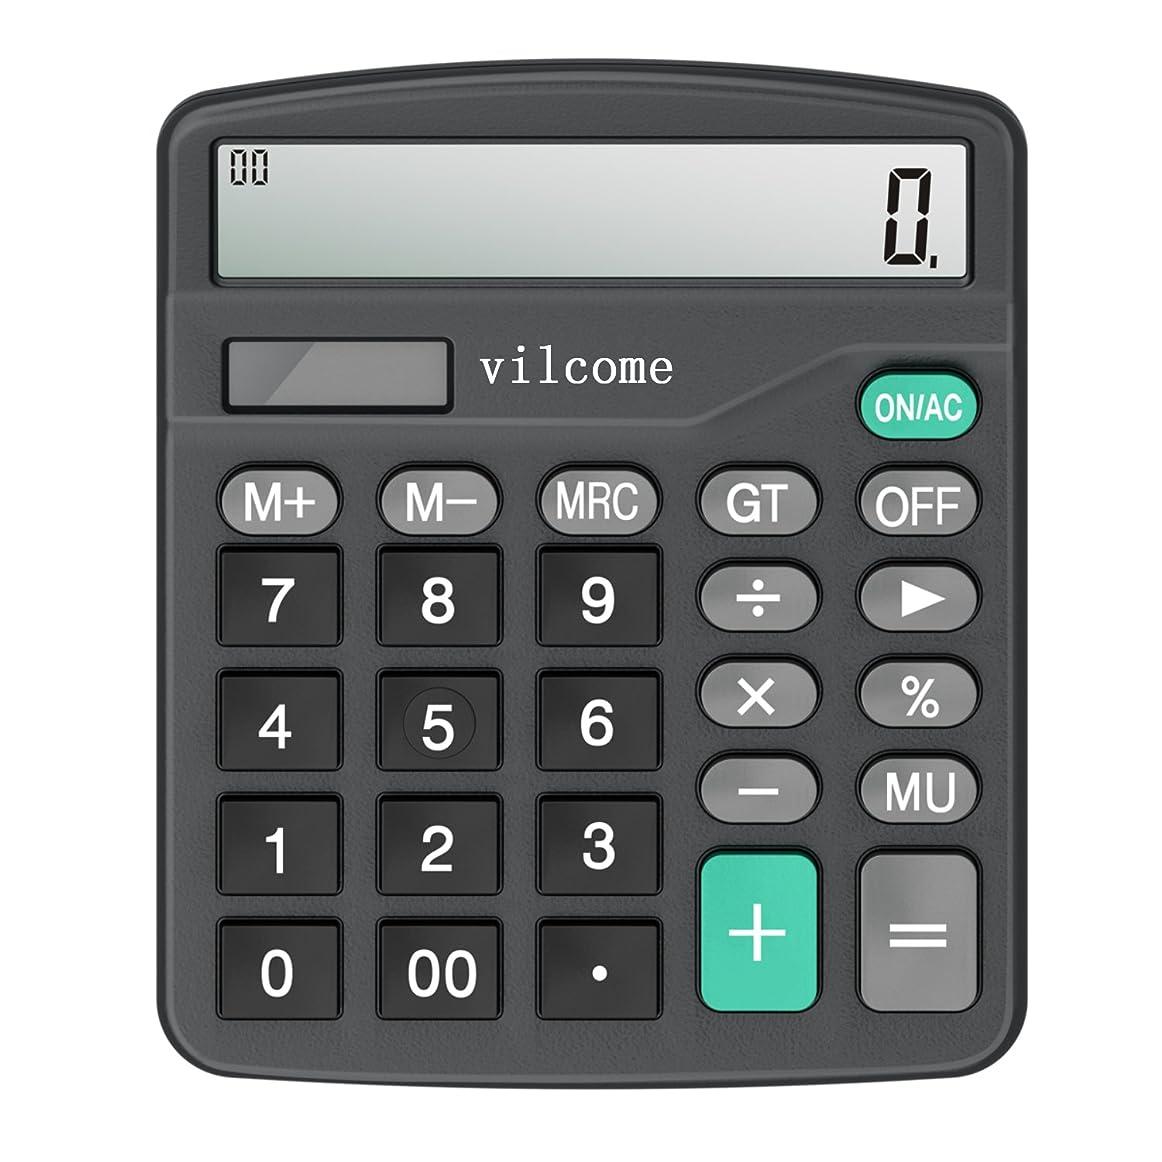 投げ捨てるカート粘土電卓、vilcome標準関数デスクトップ電卓12桁大きな表示の計算機、ソーラーバッテリーLCD表示Office